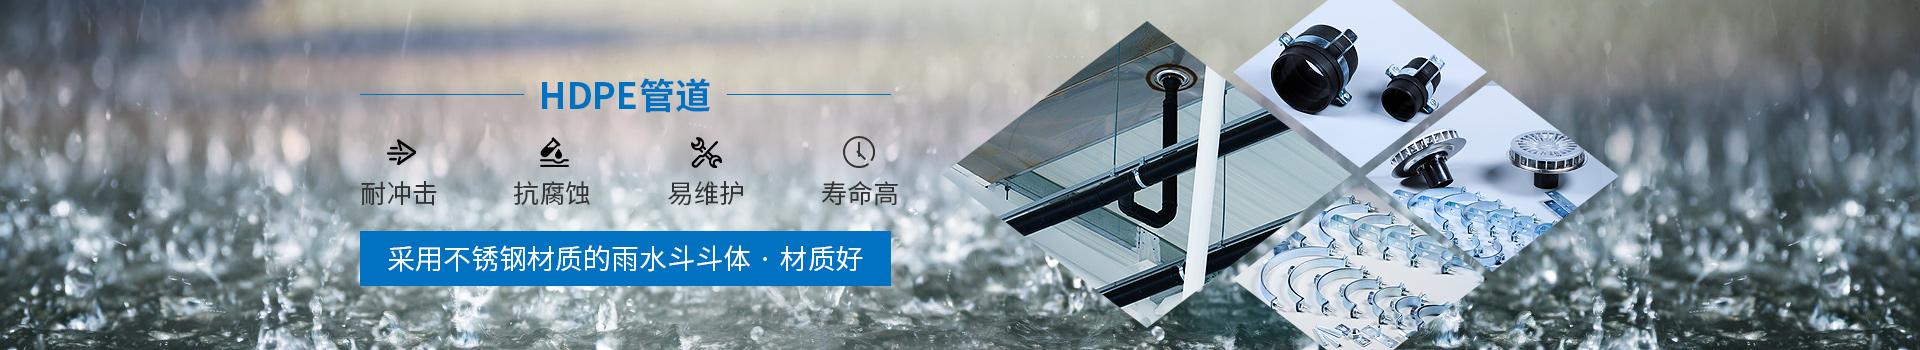 智慧雨-采用不锈钢材质的雨水斗